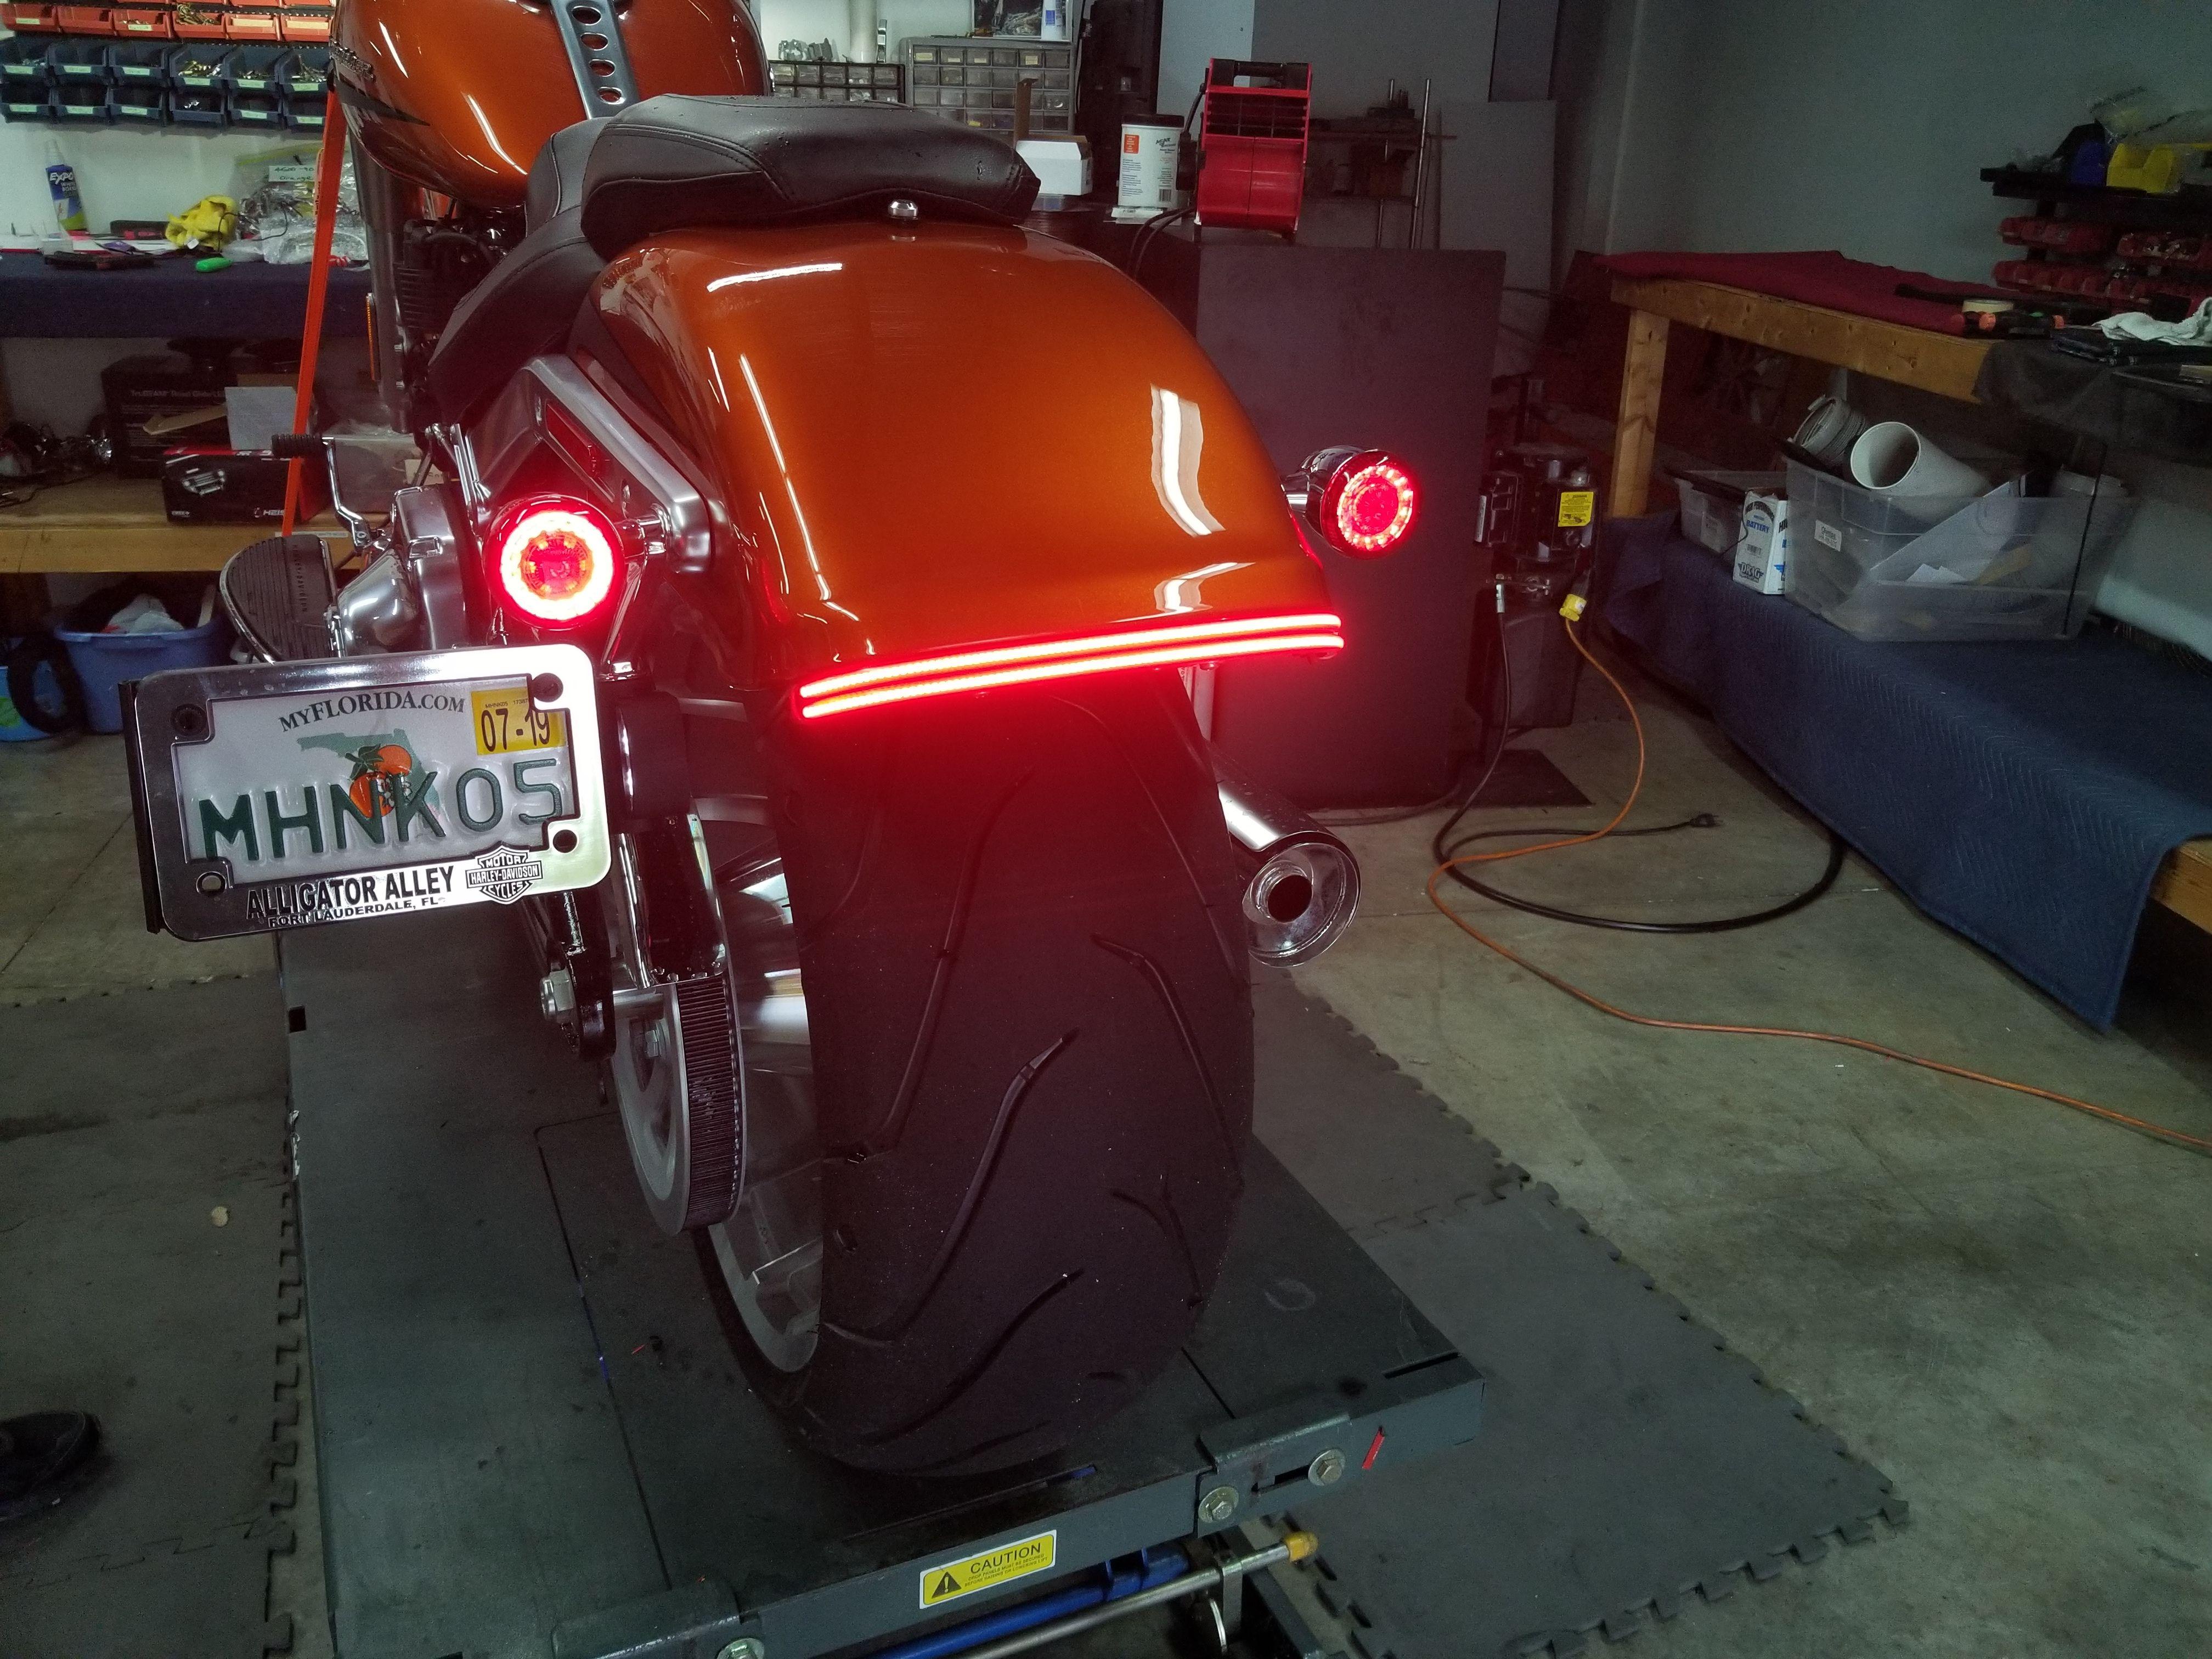 Pin On Motorcycle Lighting